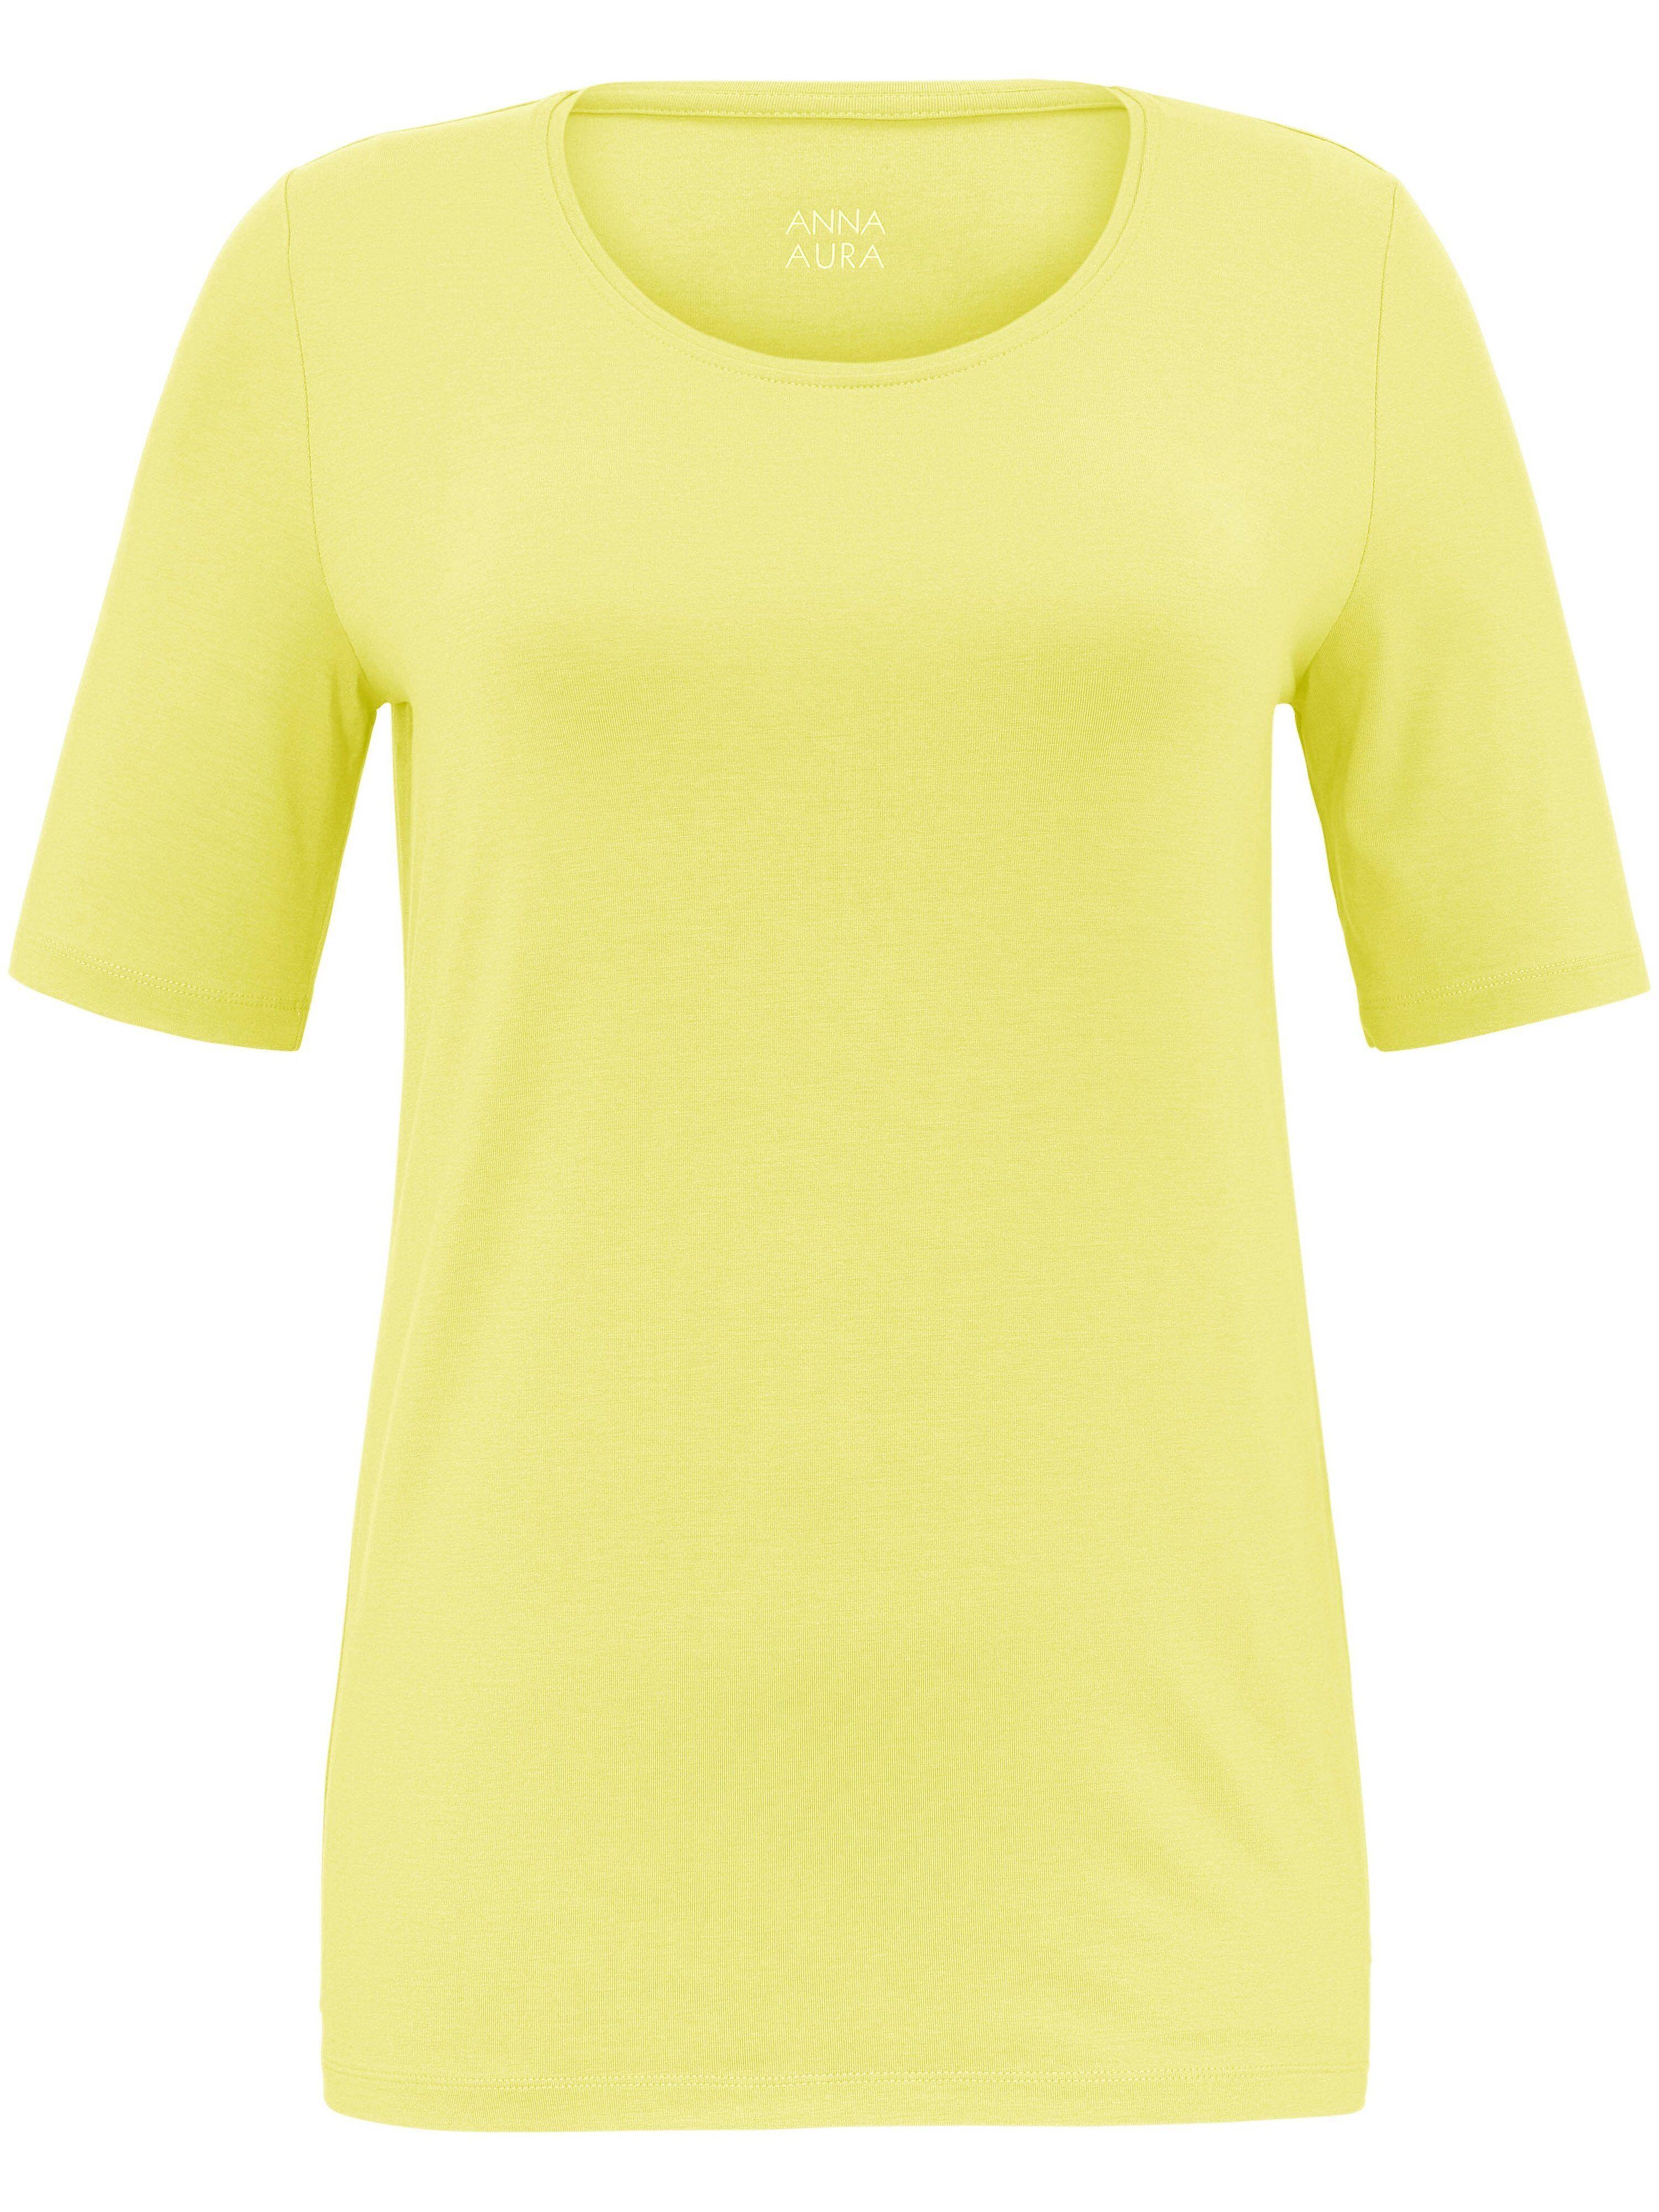 Anna Aura Le T-shirt facile d'entretien Anna Aura jaune 44